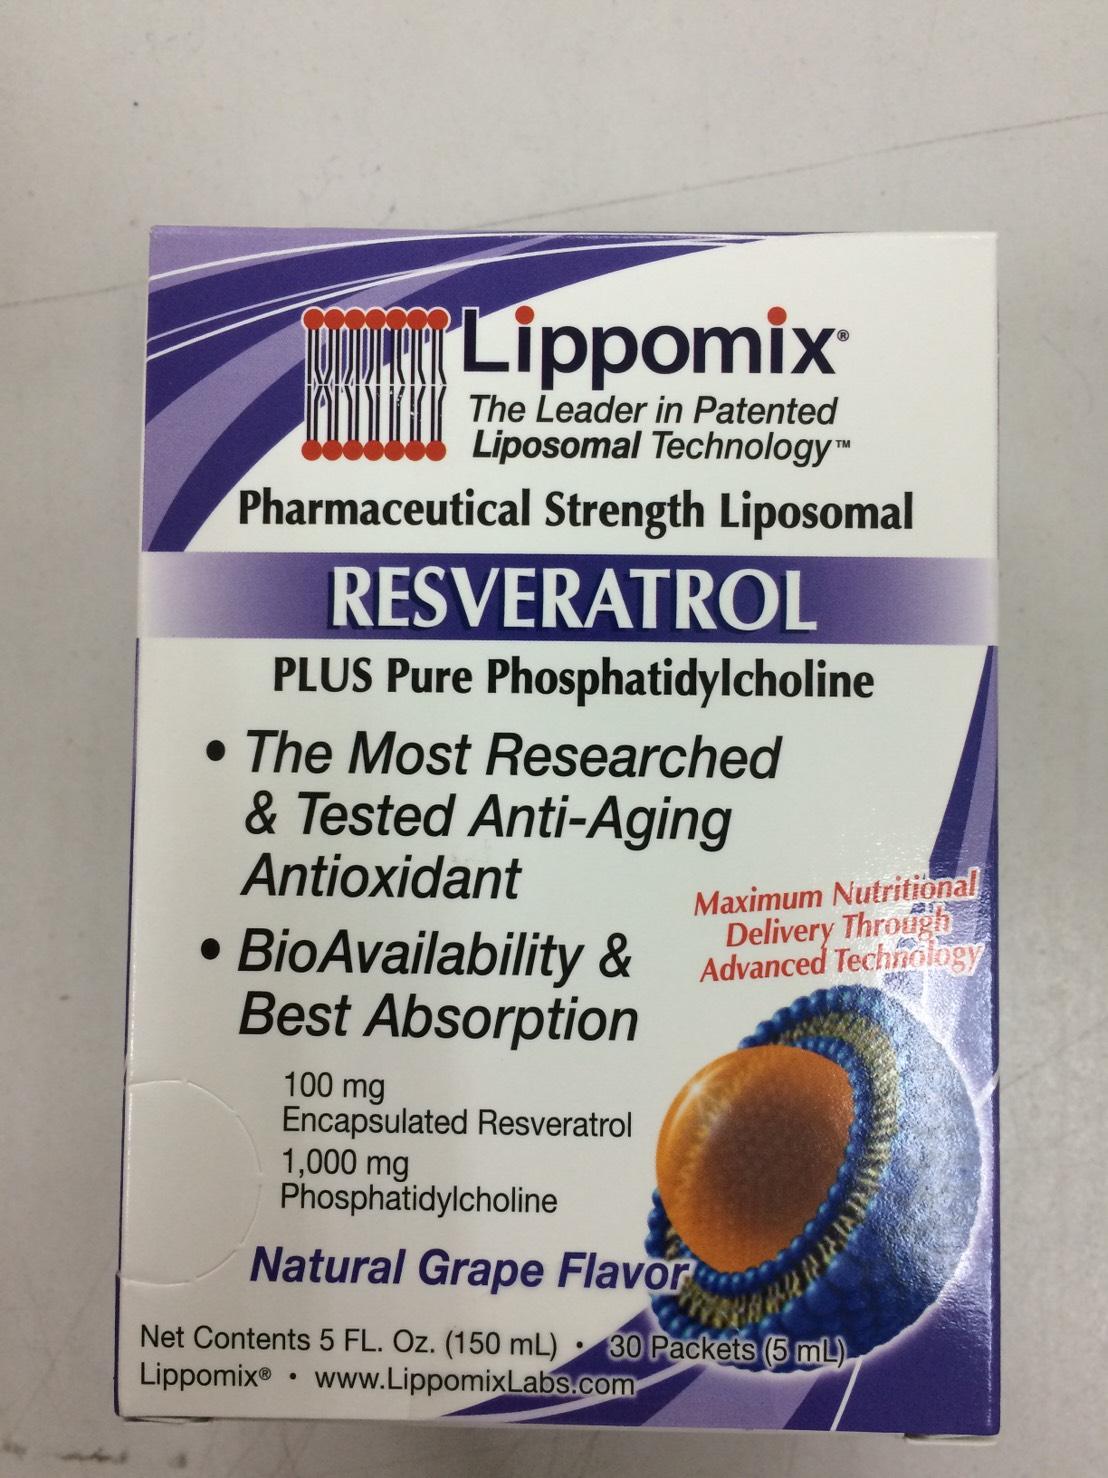 Lippomix Liposomal RESVERATROL